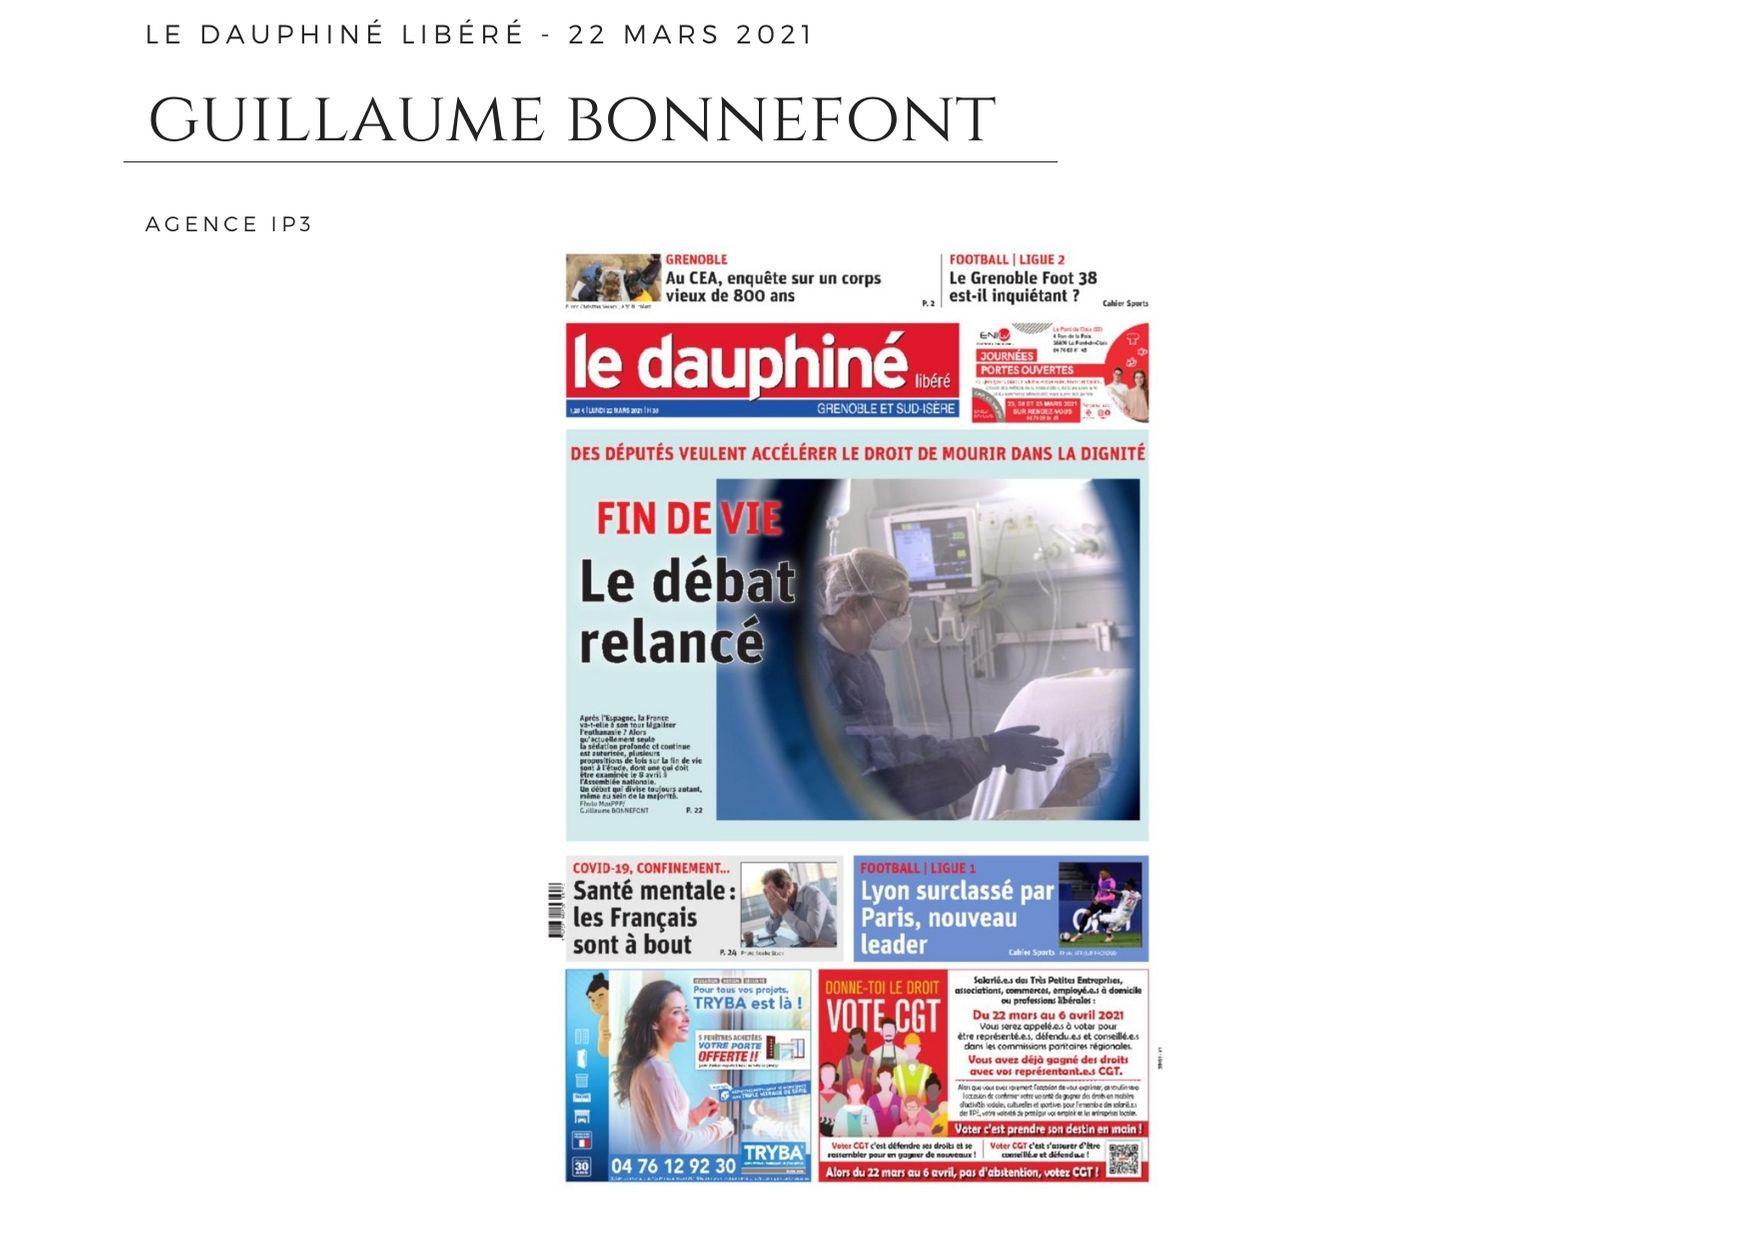 Le Dauphiné Libéré - 22 mars 2021